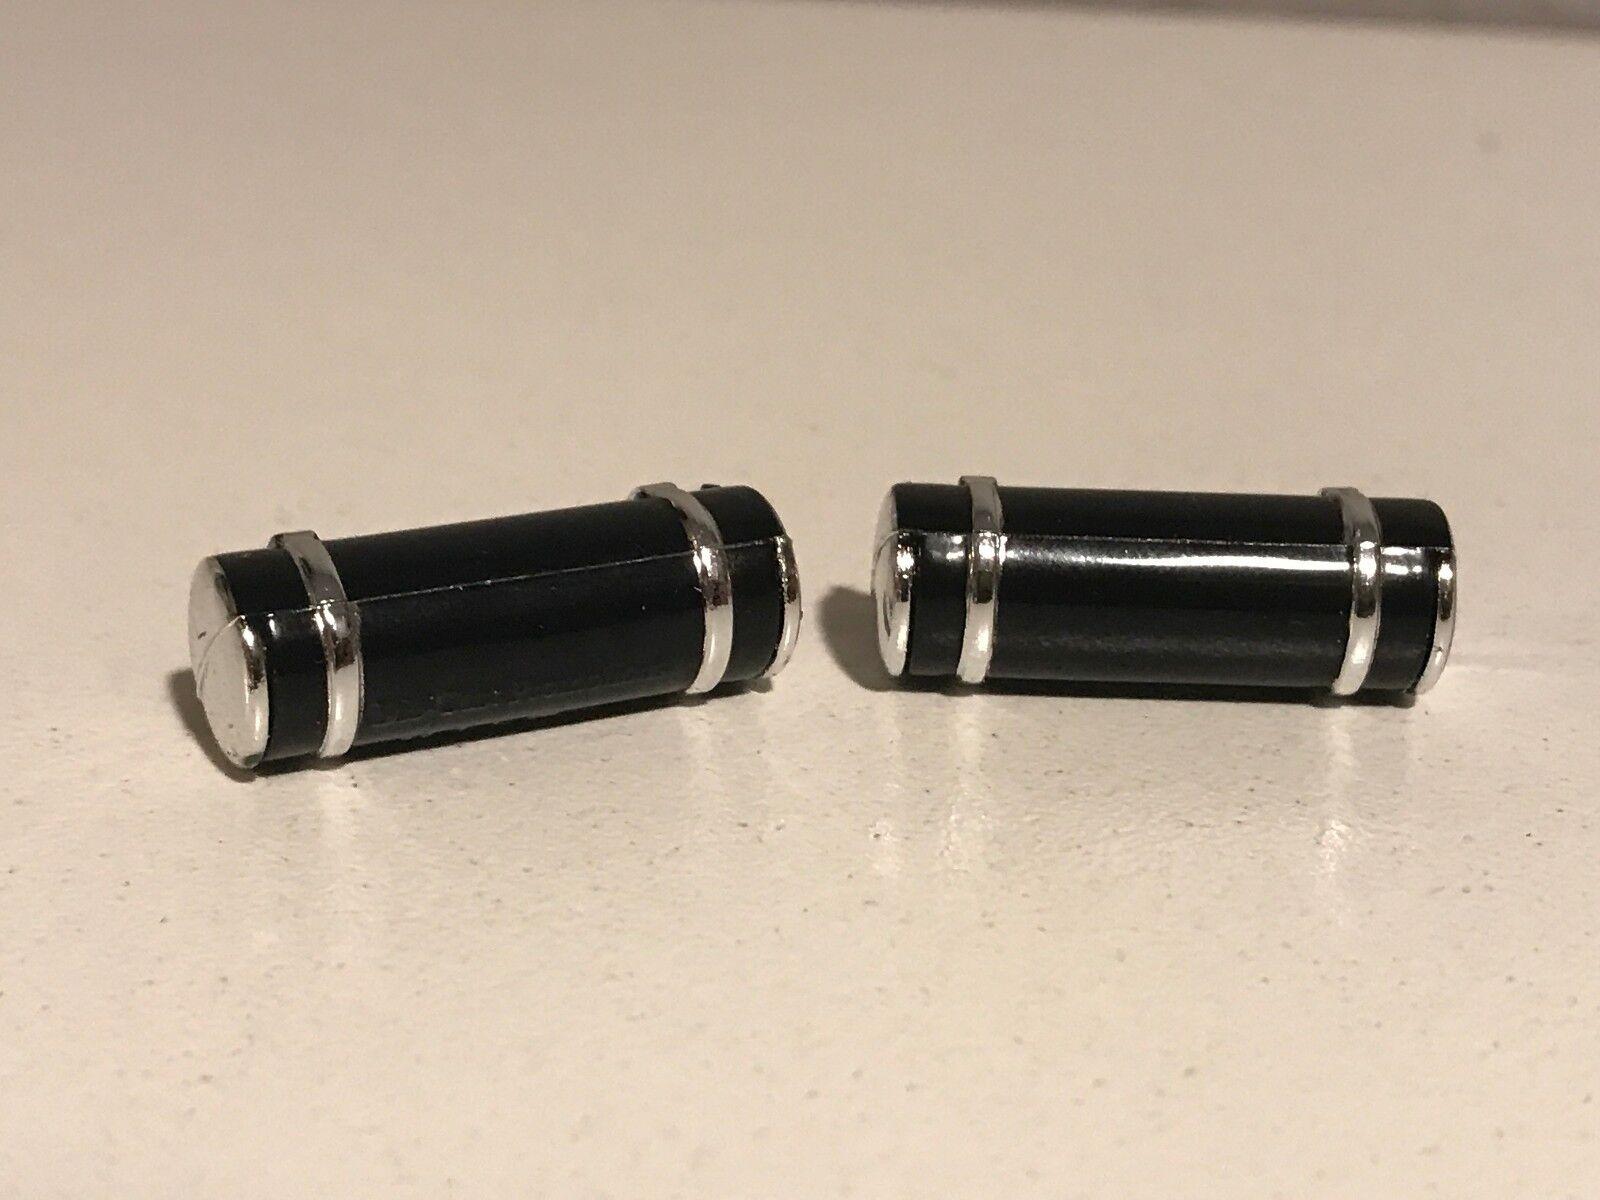 ALL BLACK DCP 1/64 379/389 PETERBILT LONG TANKS W/ 2 CHROME STRAPS & ENDS